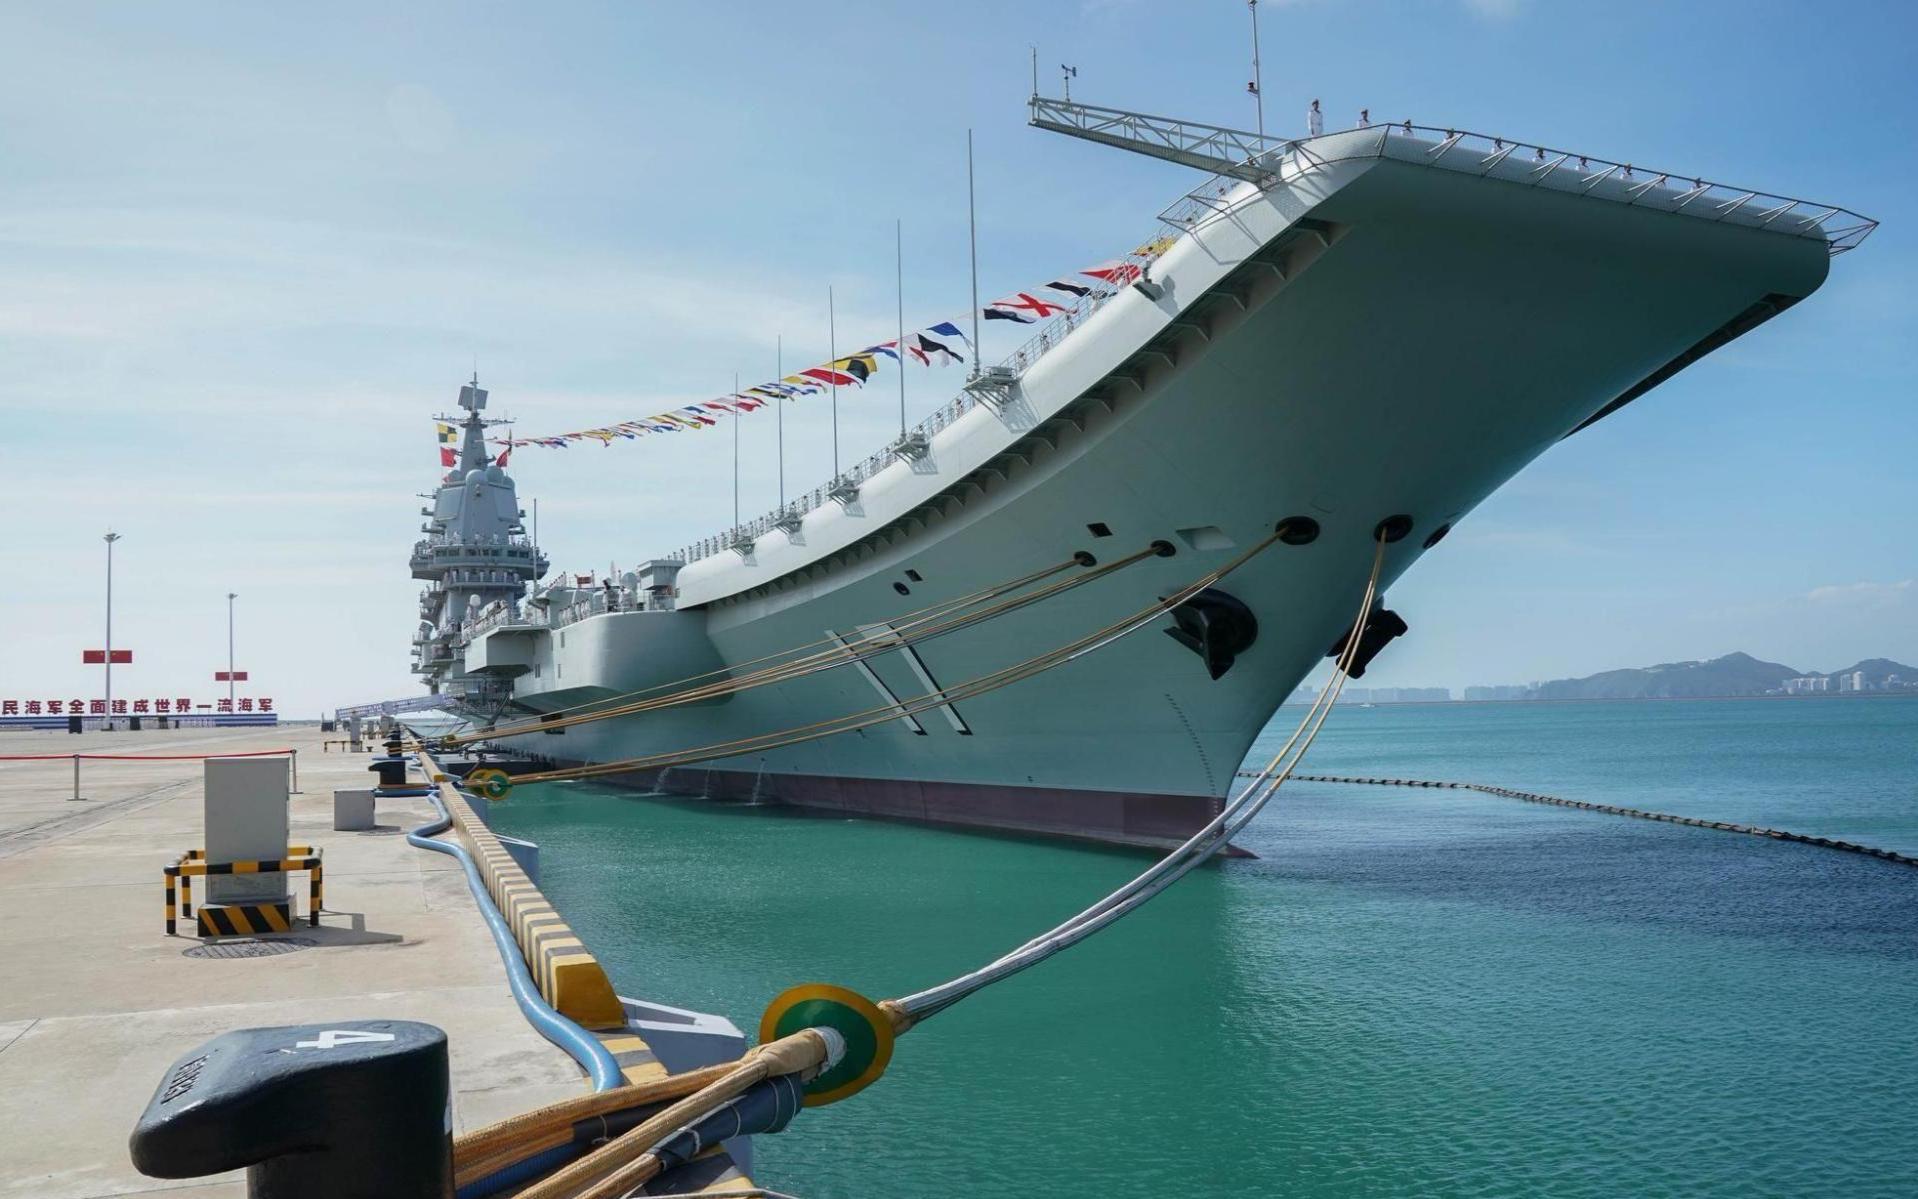 从木船到航母,中国海军如何走向远洋,未来可期